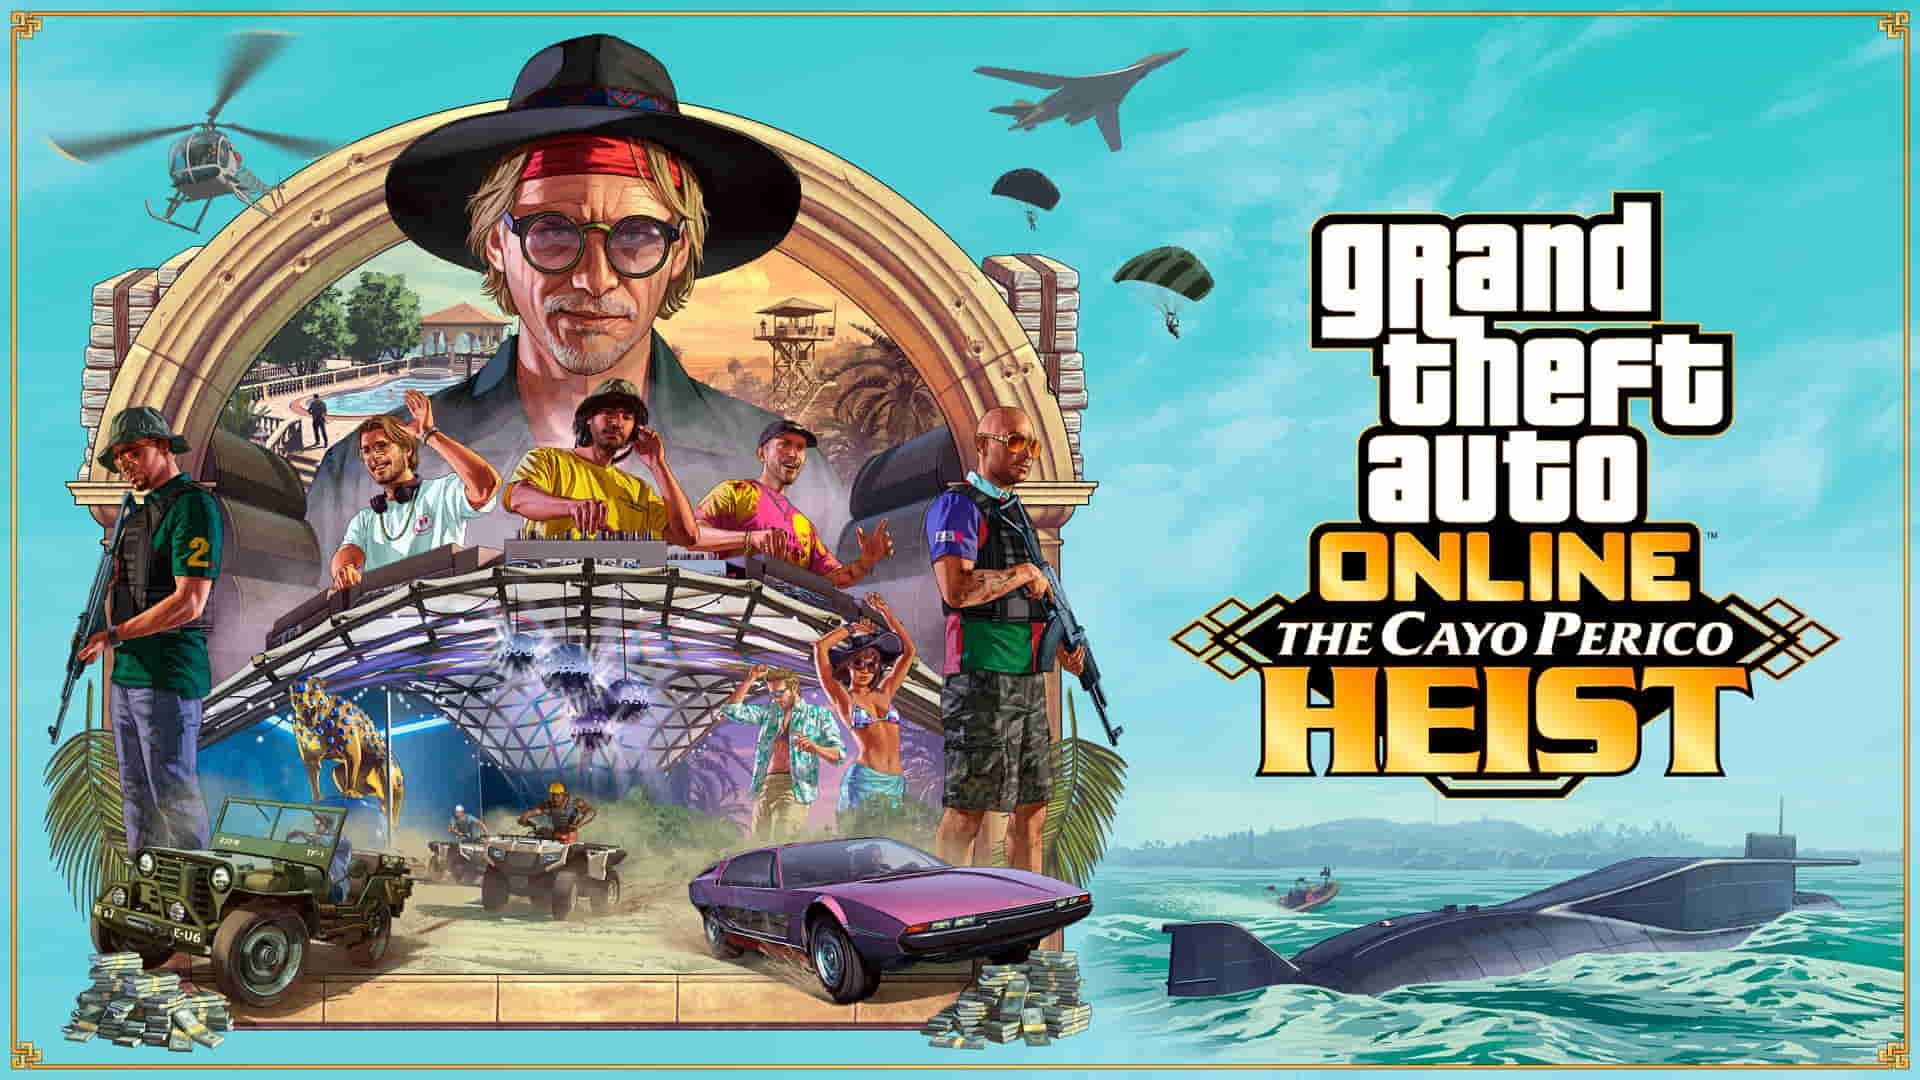 Best Way to Make Money in GTA 5 online, Earn Money in GTA Online, Fastest Ways to Make Money GTA online, Quickest Ways to Make Money GTA Online